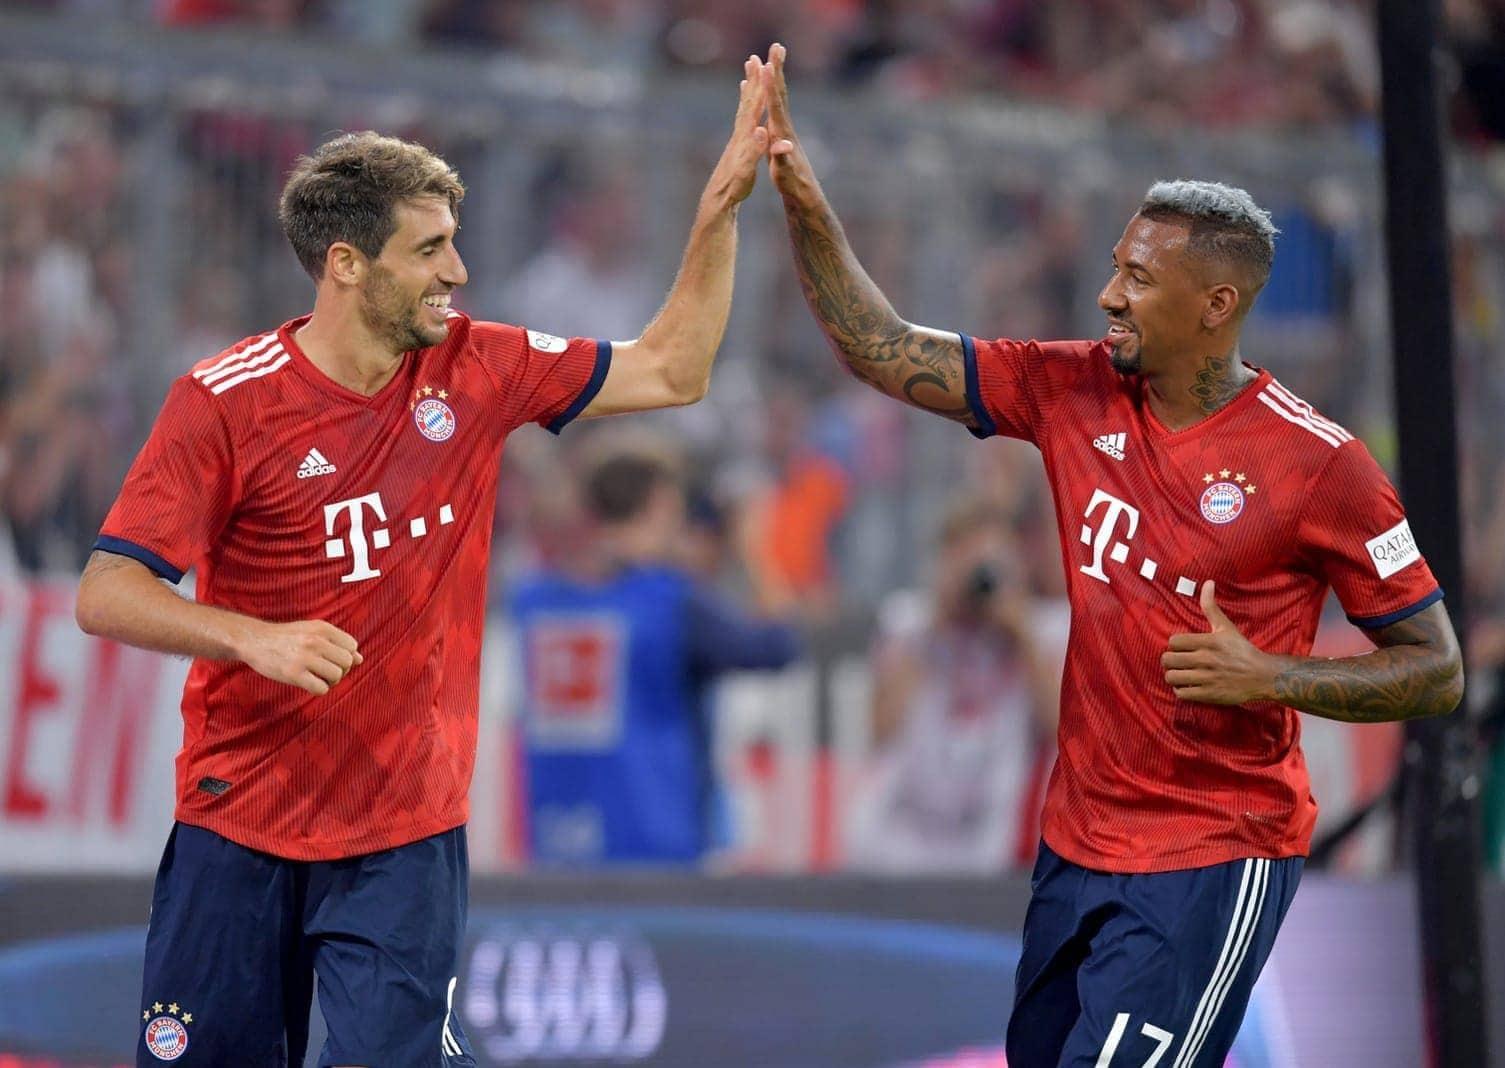 <p>Die Trikotpreise der Bundesliga-Vereine sind happig. Für weniger als 74 Euro ist nichts zu haben. Unsere Übersicht über genaue Kosten